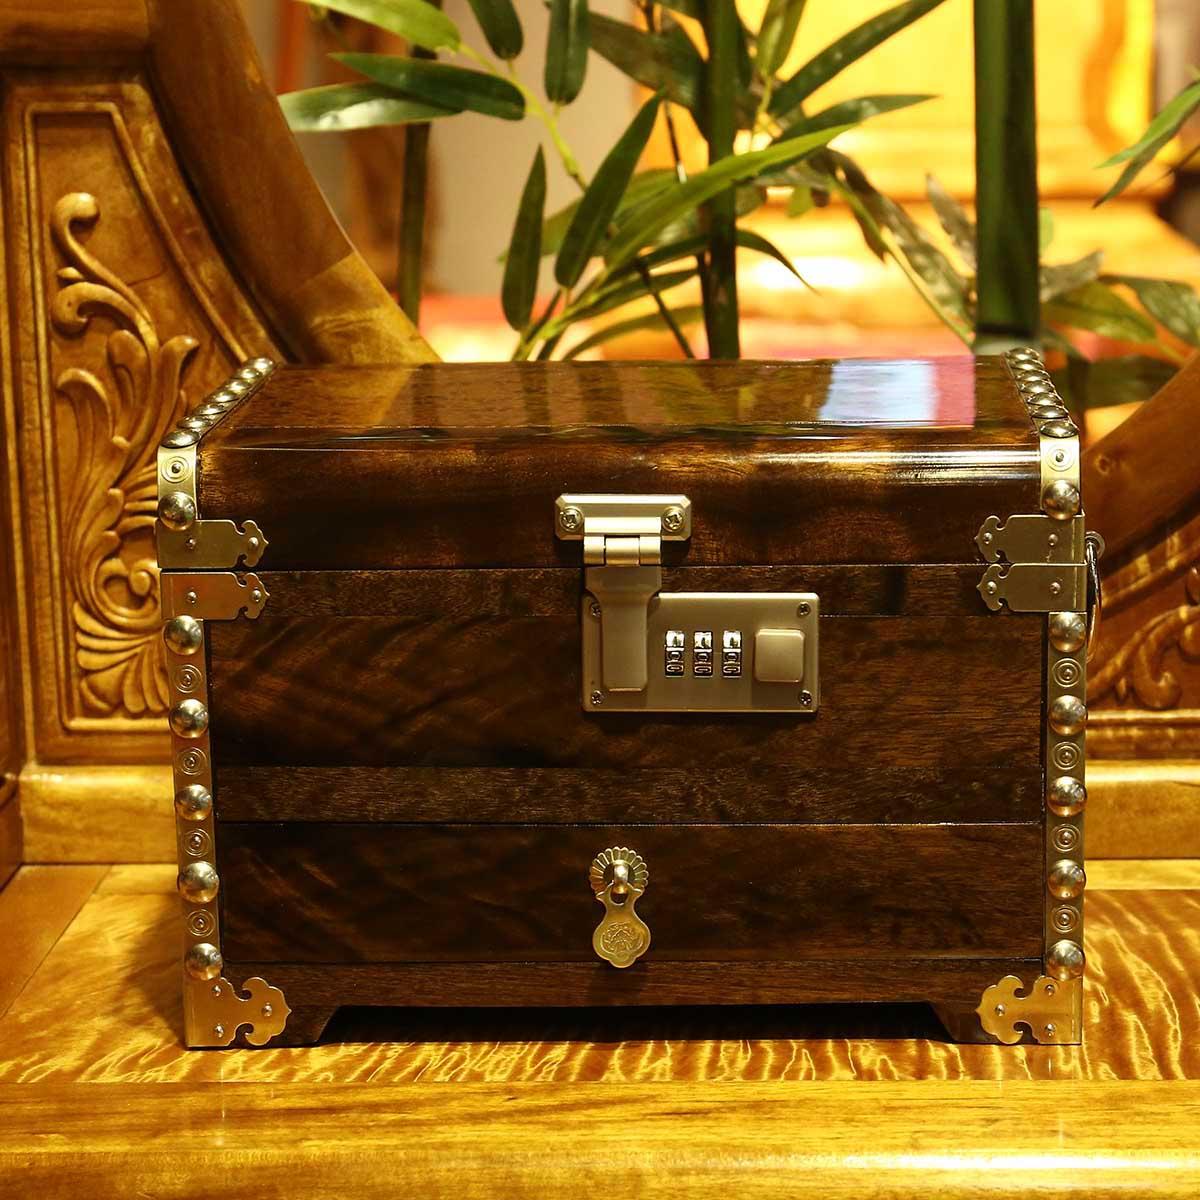 Tooarts высокое качество Phoebe сундук шкатулка Шкатулка Черного Дерева Зеркальный туалетный шкаф Деревянная мебель и орнамент